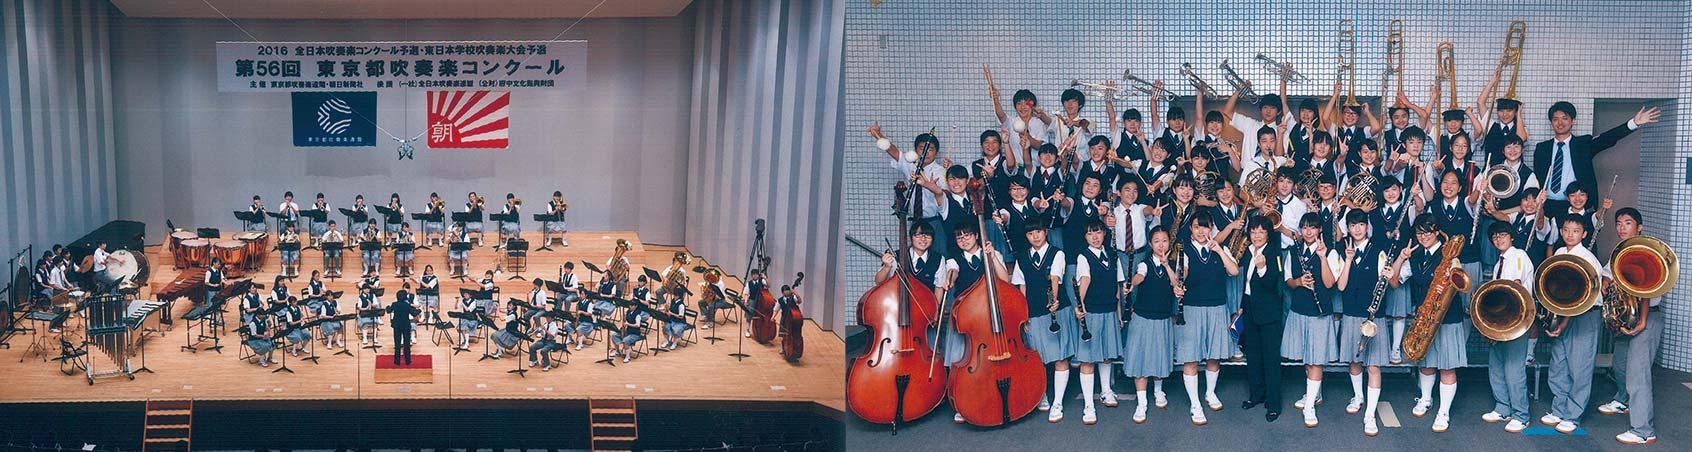 板橋区立赤塚第三中学校吹奏楽部の皆さん